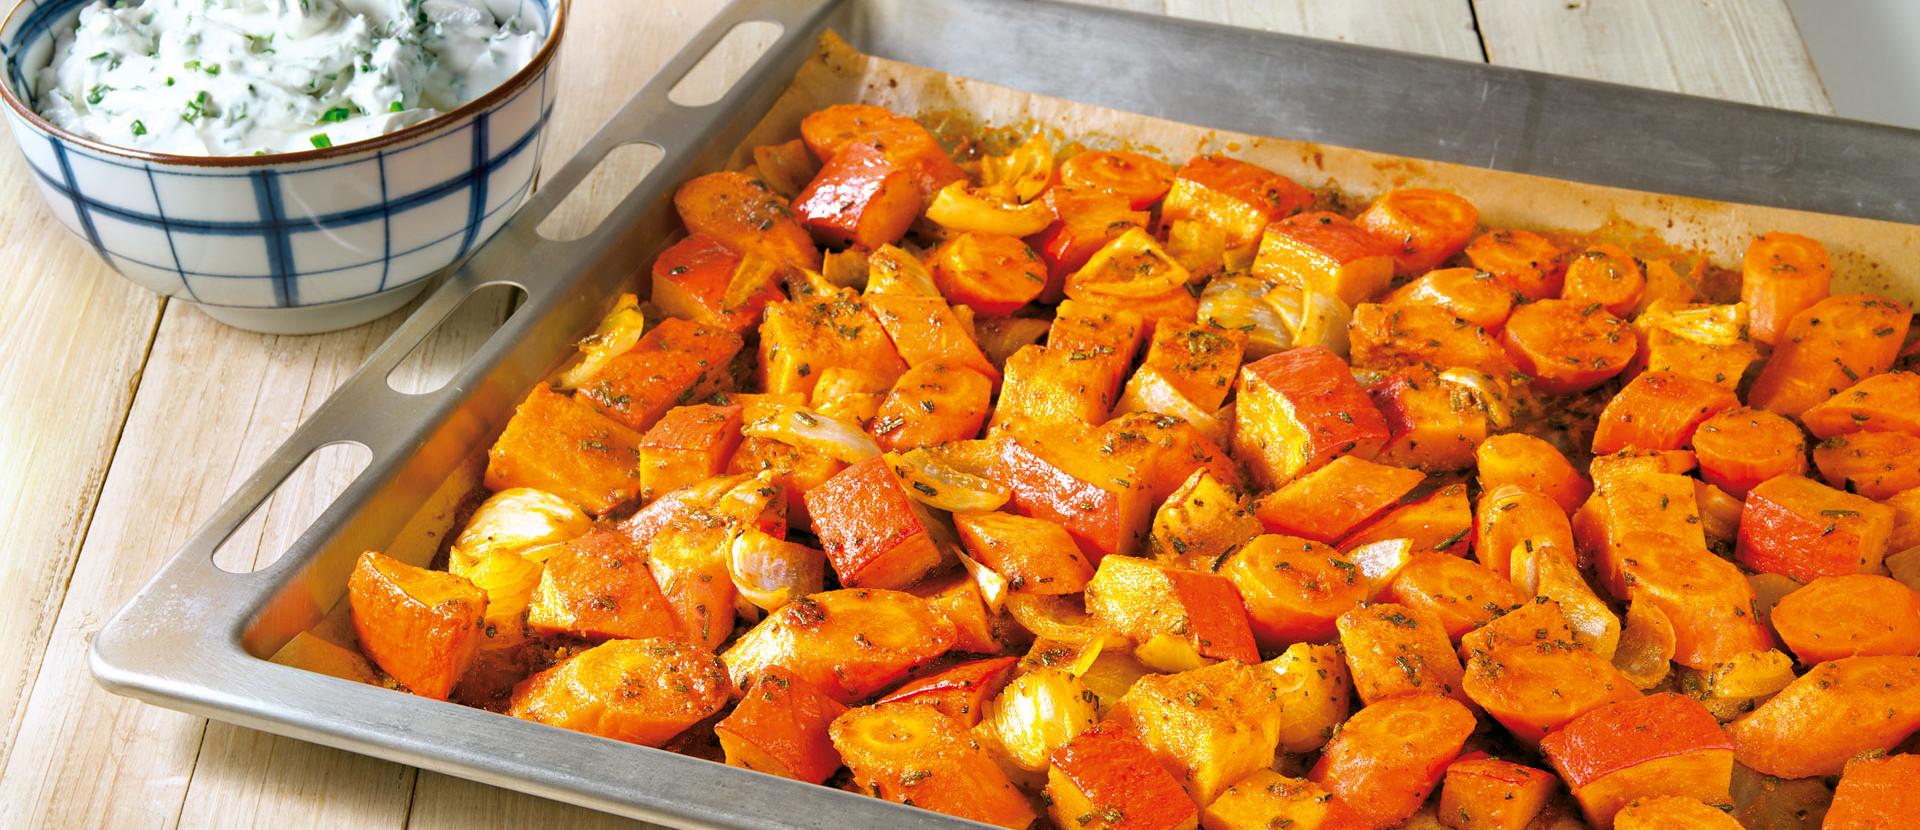 Ofengemuese mit Harissa und Ziegenfrischkaese Dip